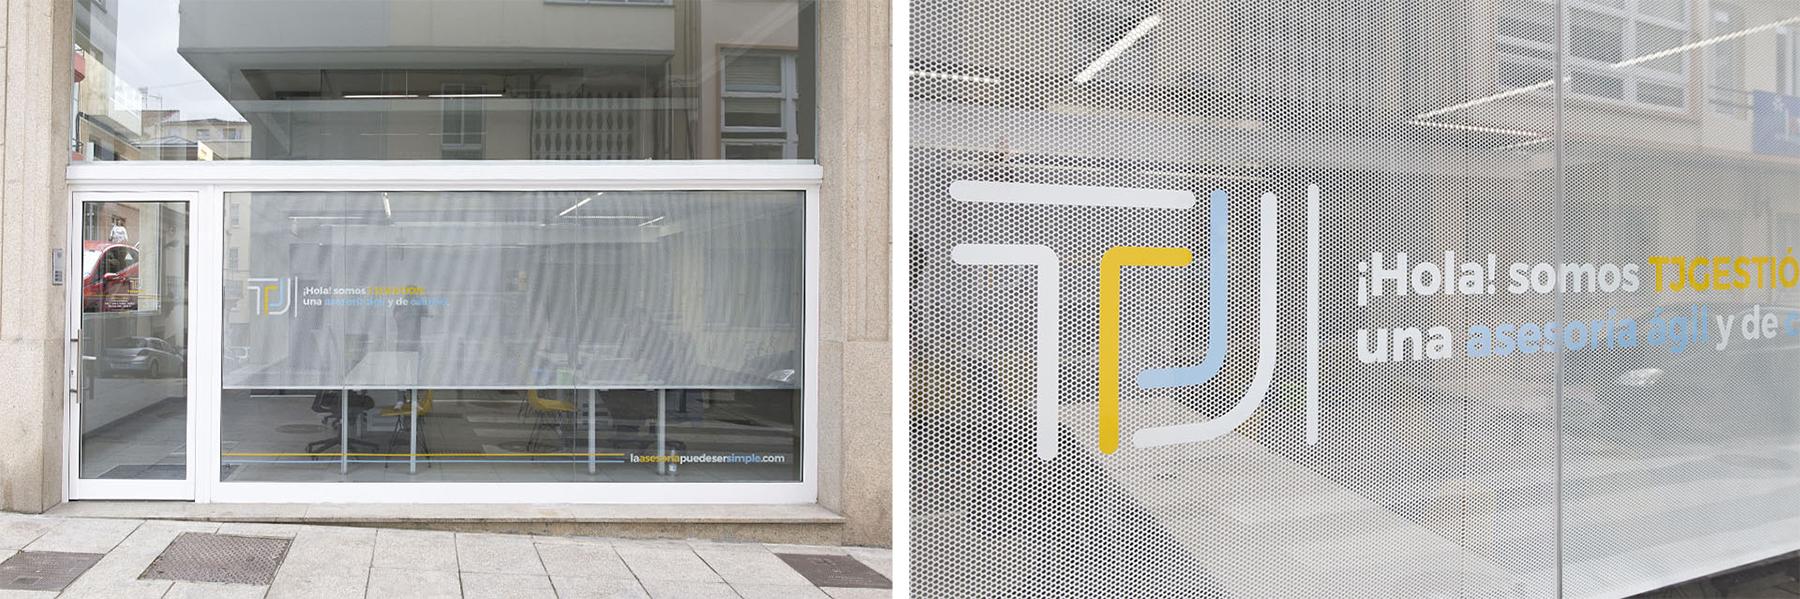 stgo-tj-arquitectura-02